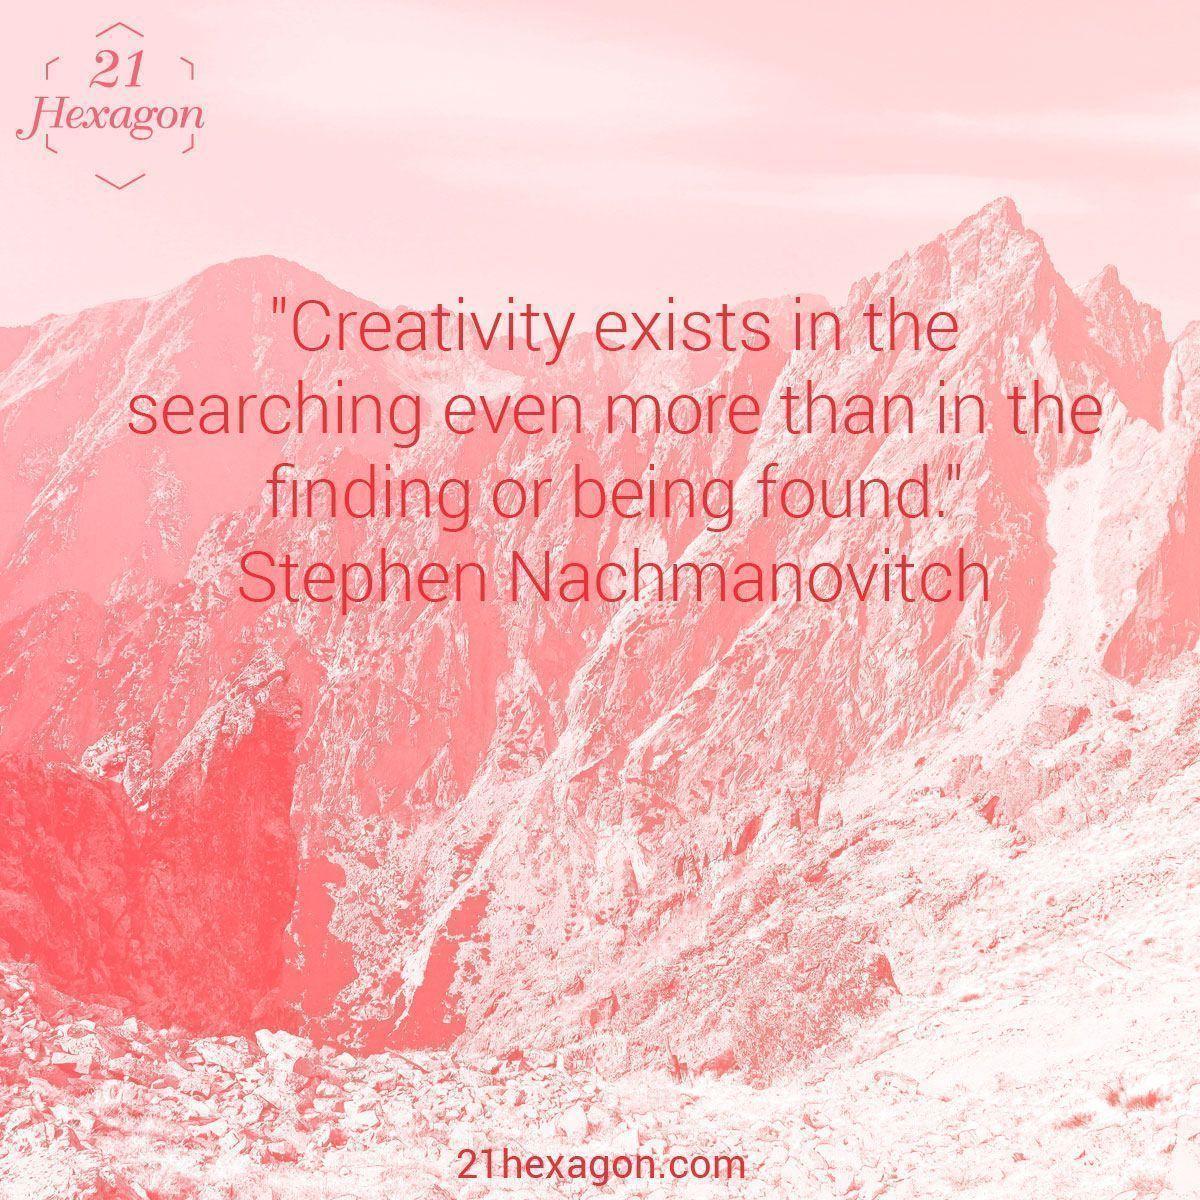 quotes_21hexagon_9.jpg